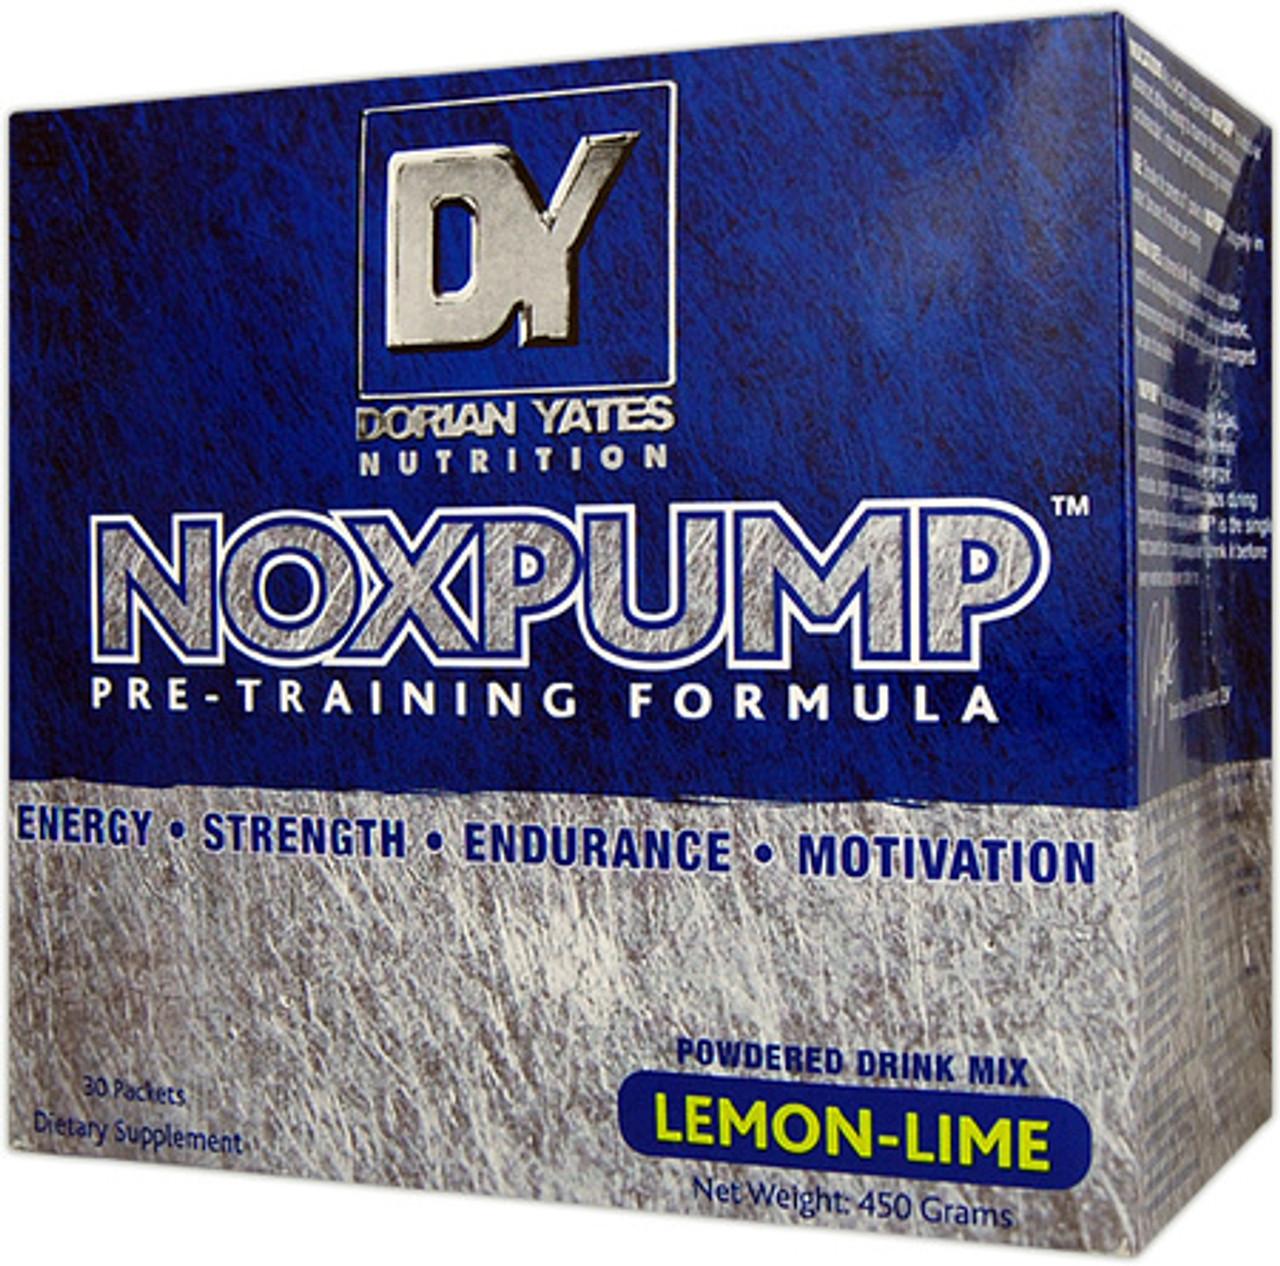 NoxPump 30pk Dorian Yates Nutrition